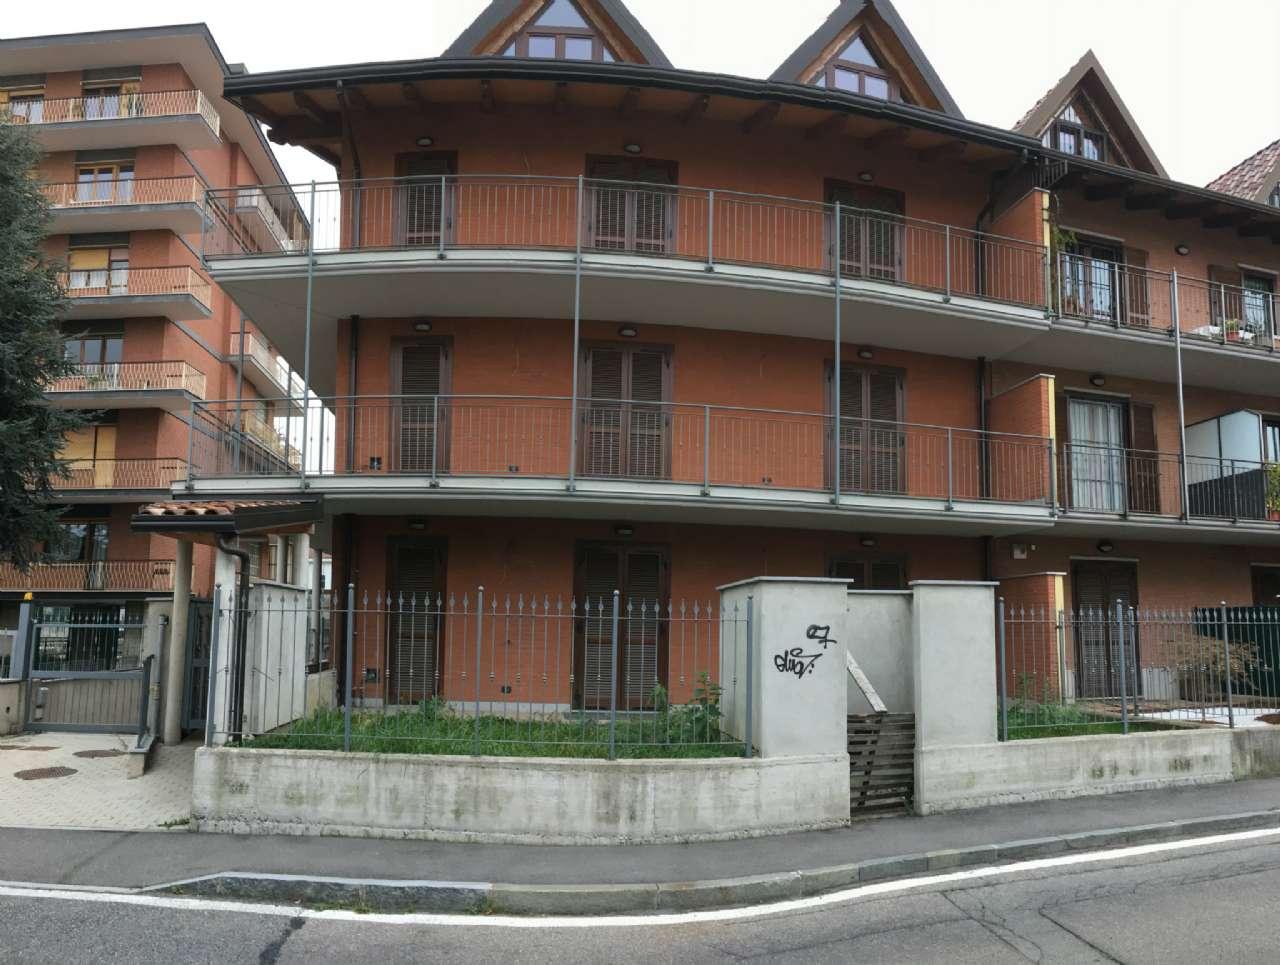 Appartamento in vendita a Collegno, 2 locali, zona Località: ReginaMargherita, prezzo € 151.000   CambioCasa.it